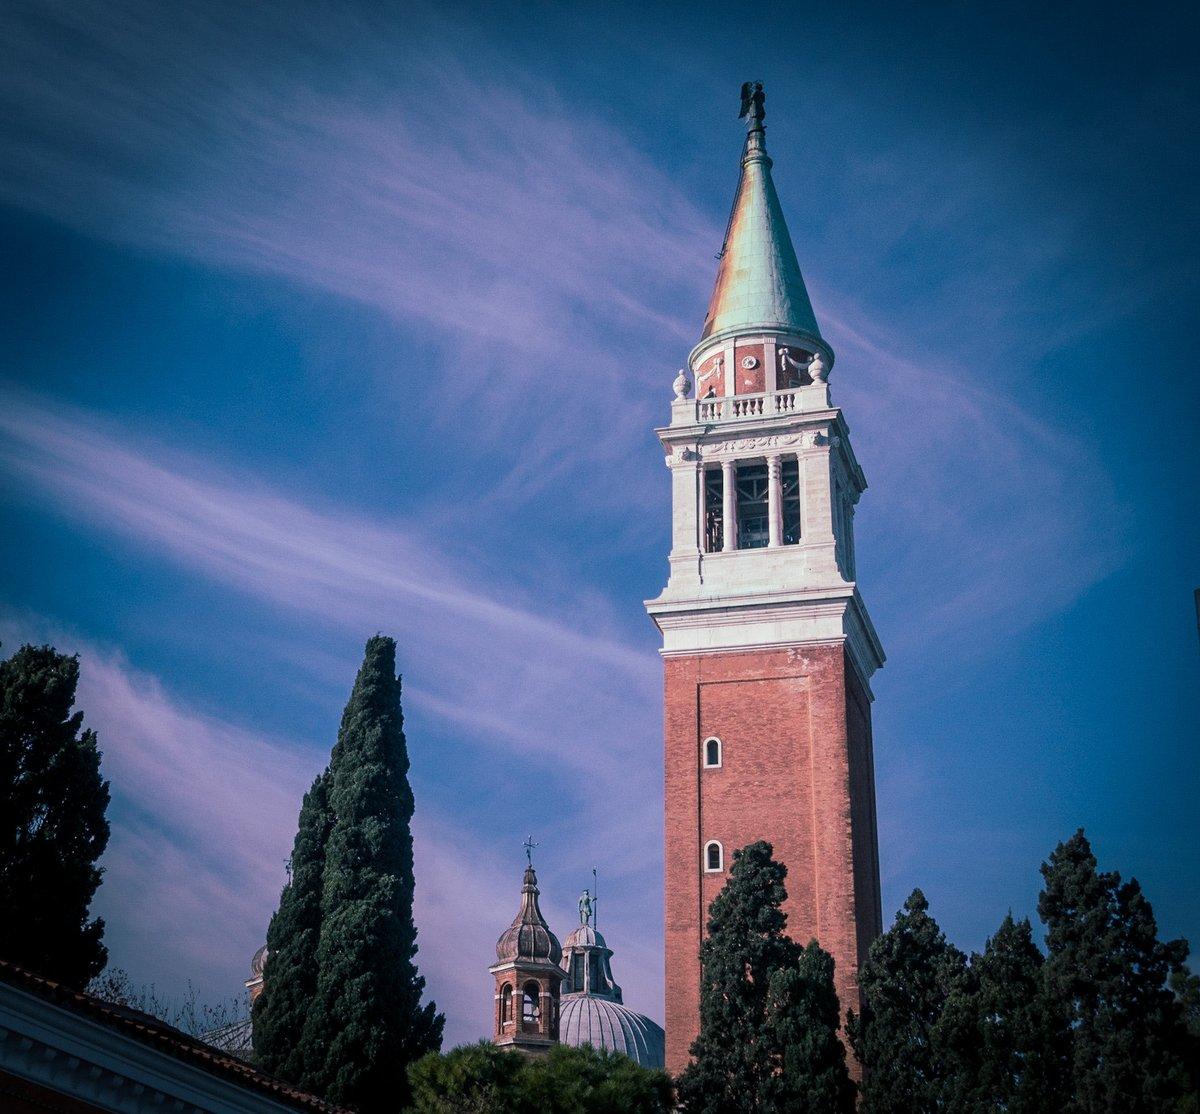 RT @david_hewson: Santa Maria Maggiore, #Venice, J...